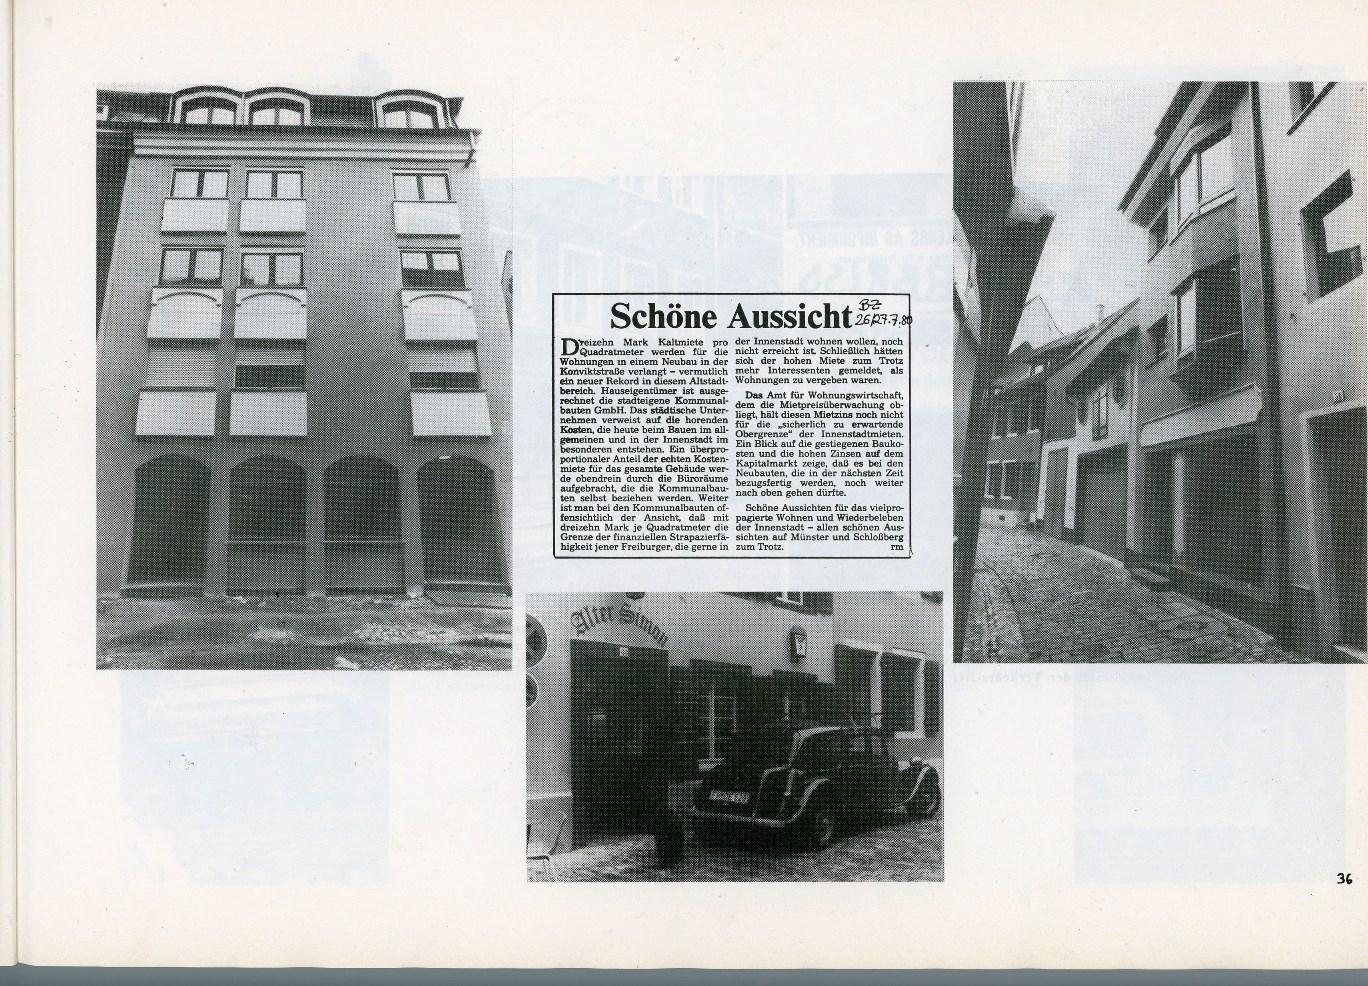 Freiburg_Hausbesetzung_01_Dreisameck_040